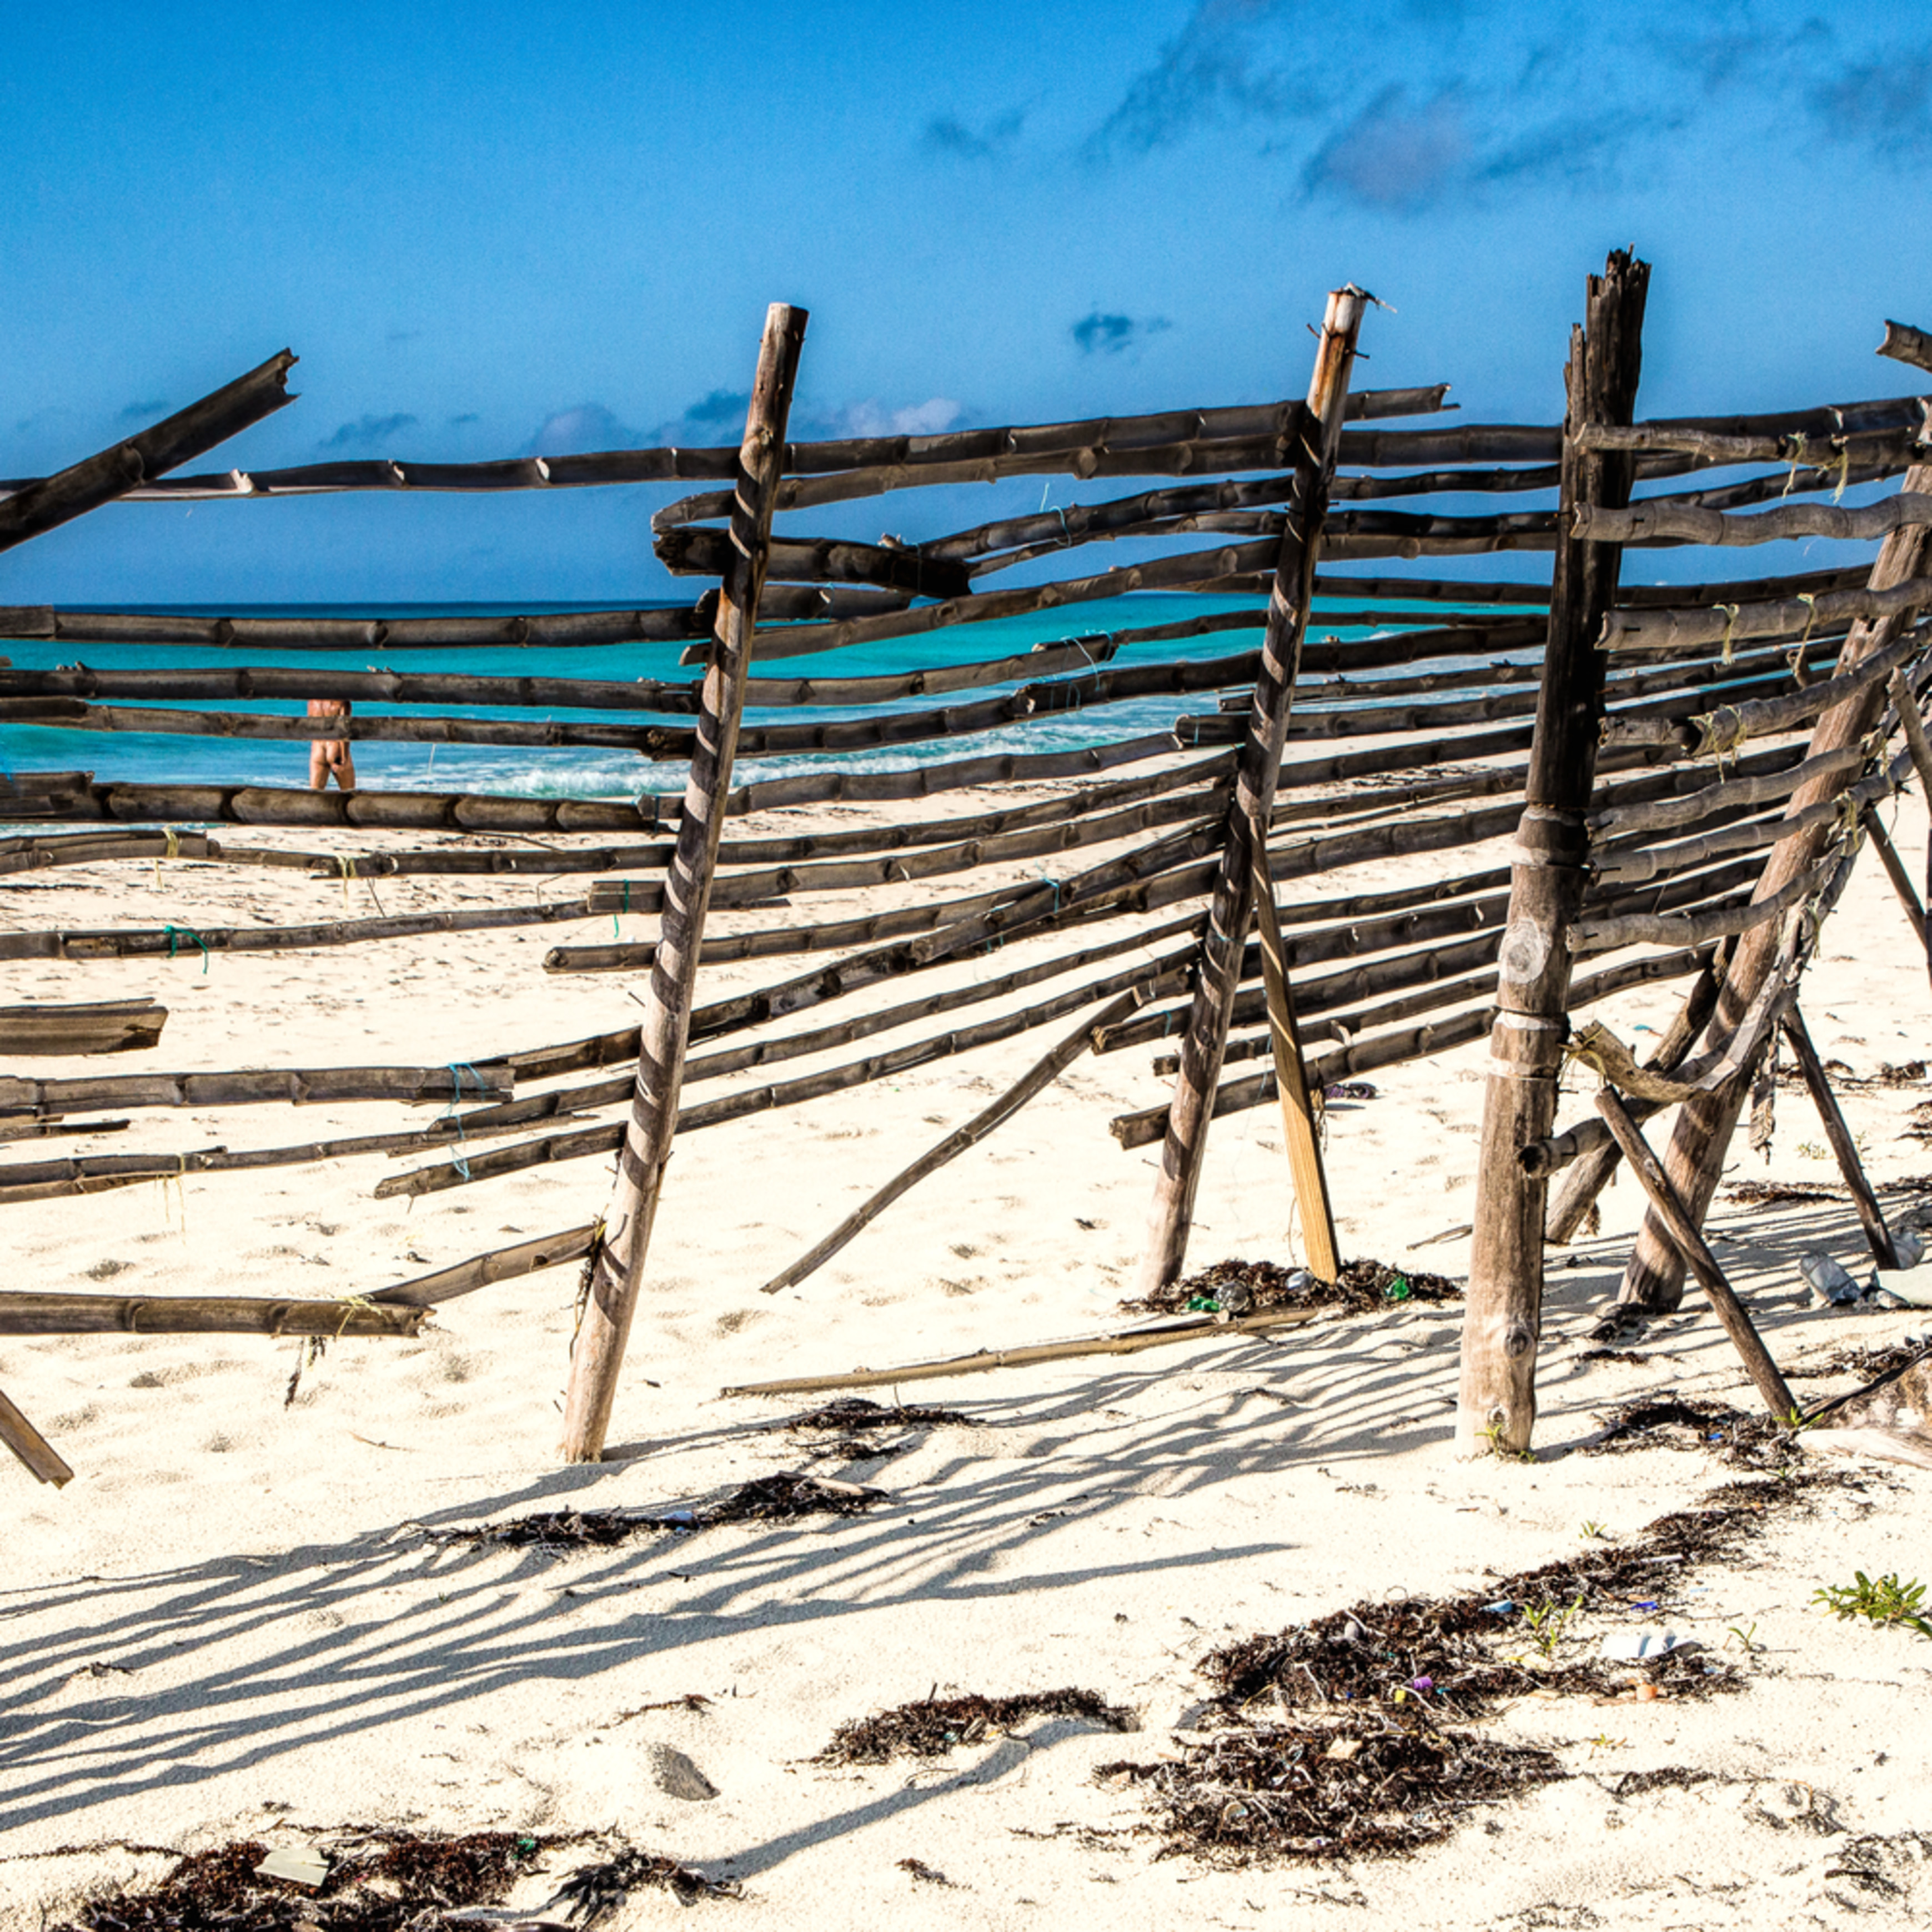 Nudist beach lnc65j